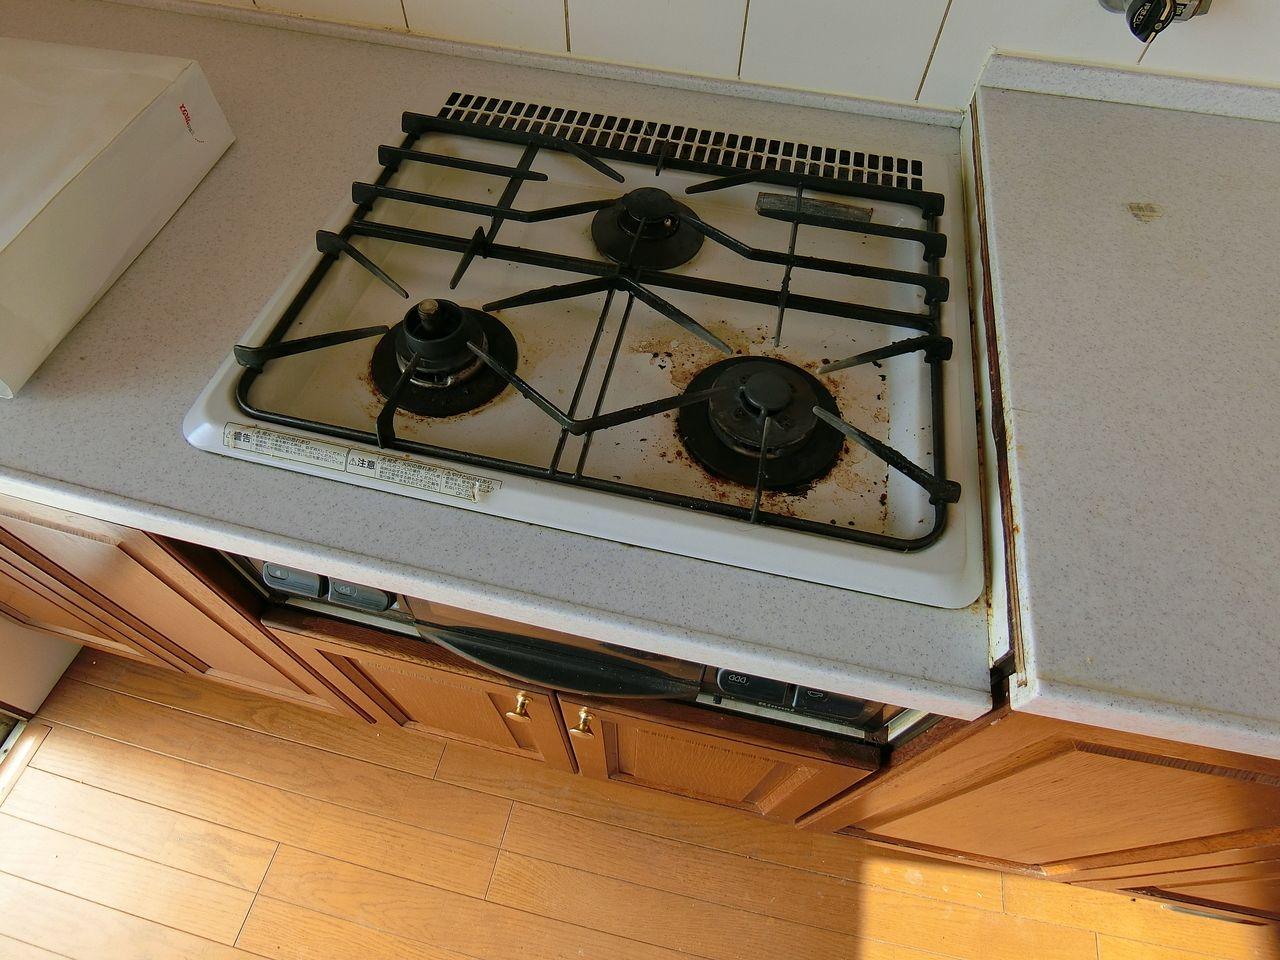 たまプラーザ団地のシステムキッチンの老朽化した3口ガスコンロ